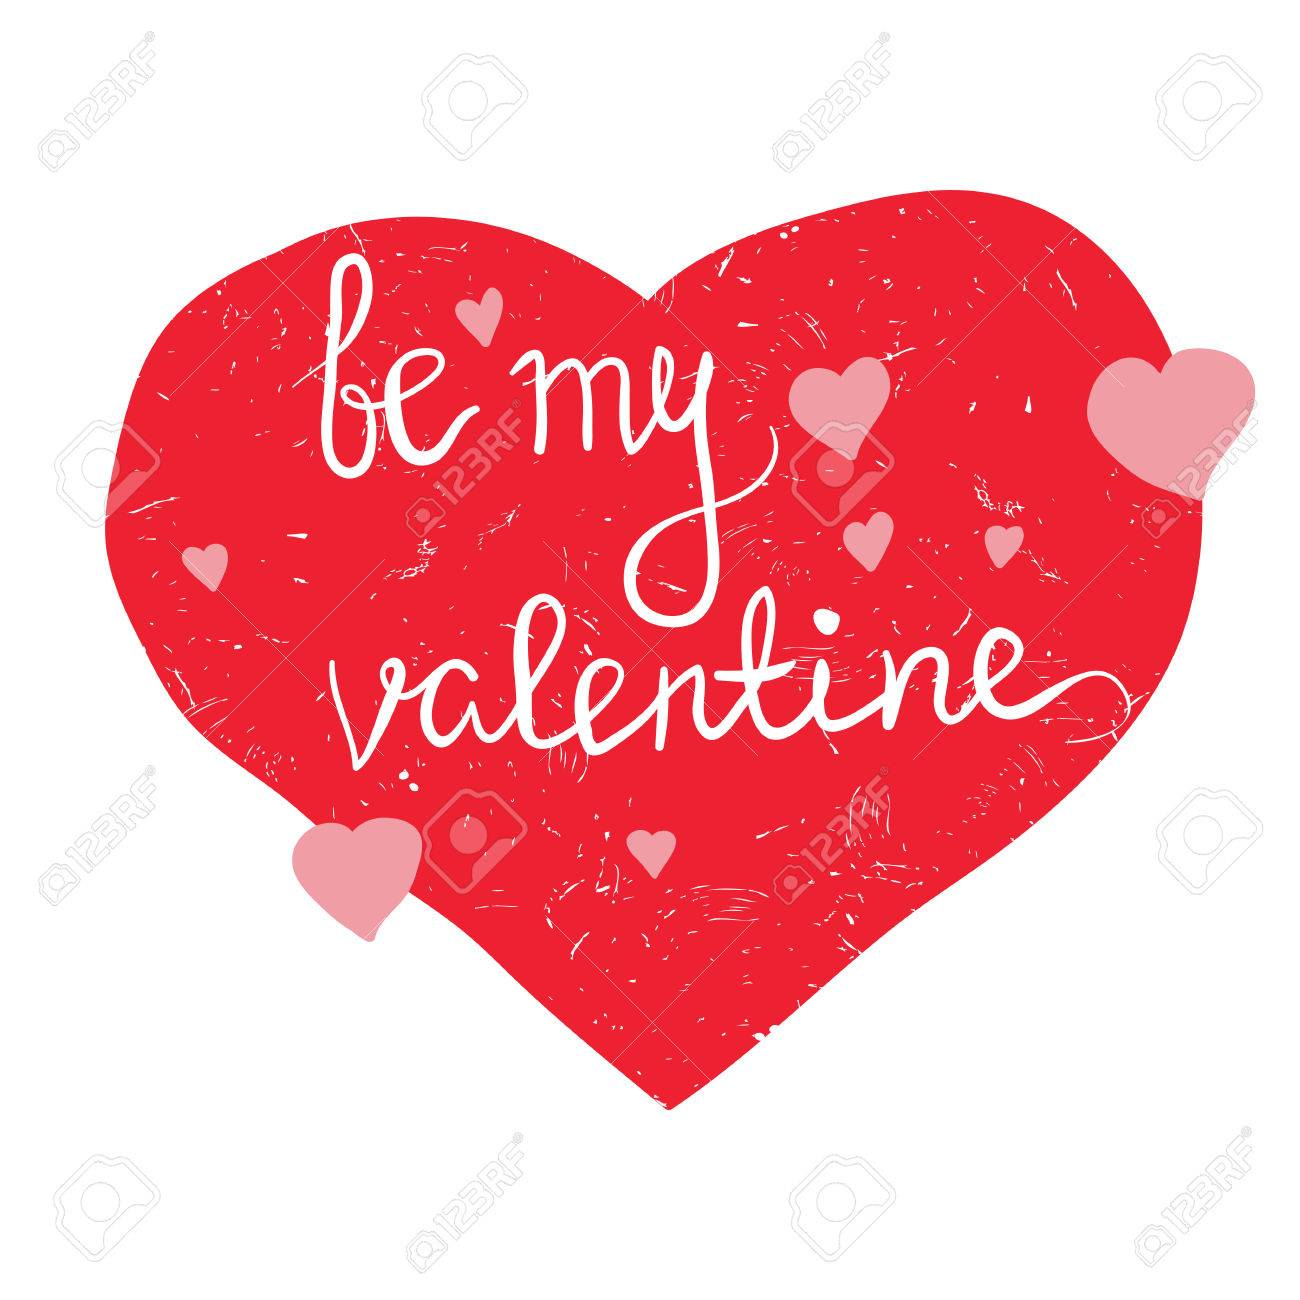 Beste Valentines Zu Färben Bilder - Druckbare Malvorlagen - amaichi.info